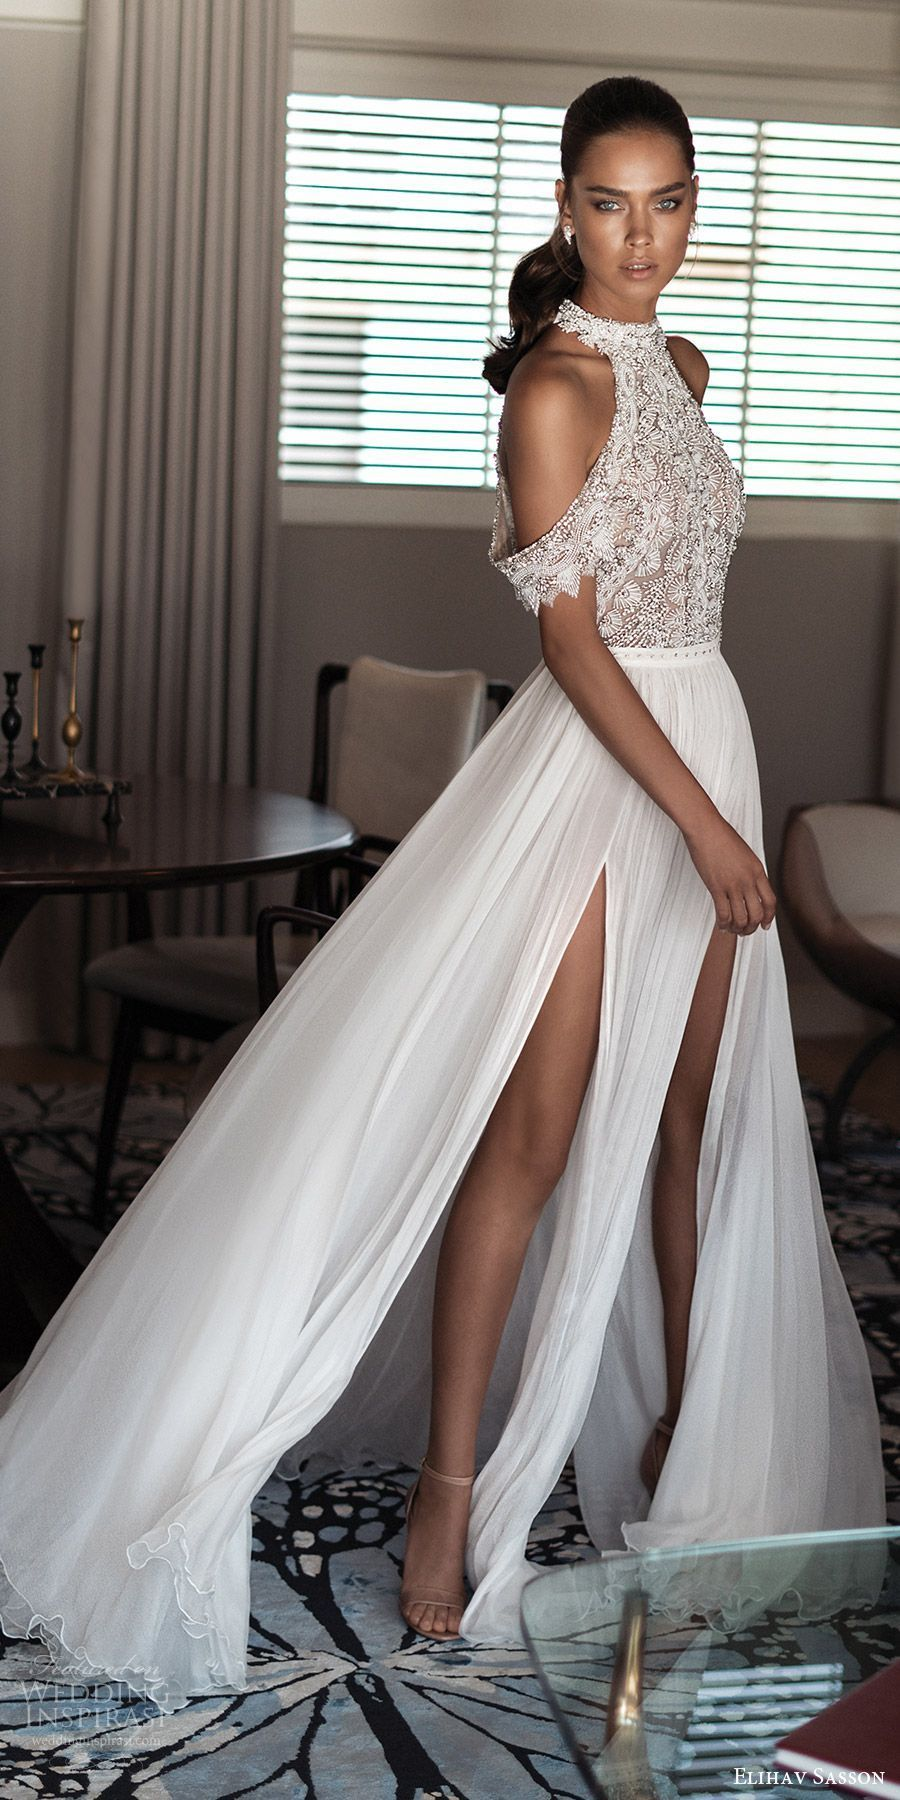 Elihav sasson spring bridal high neck cold shoulder drape